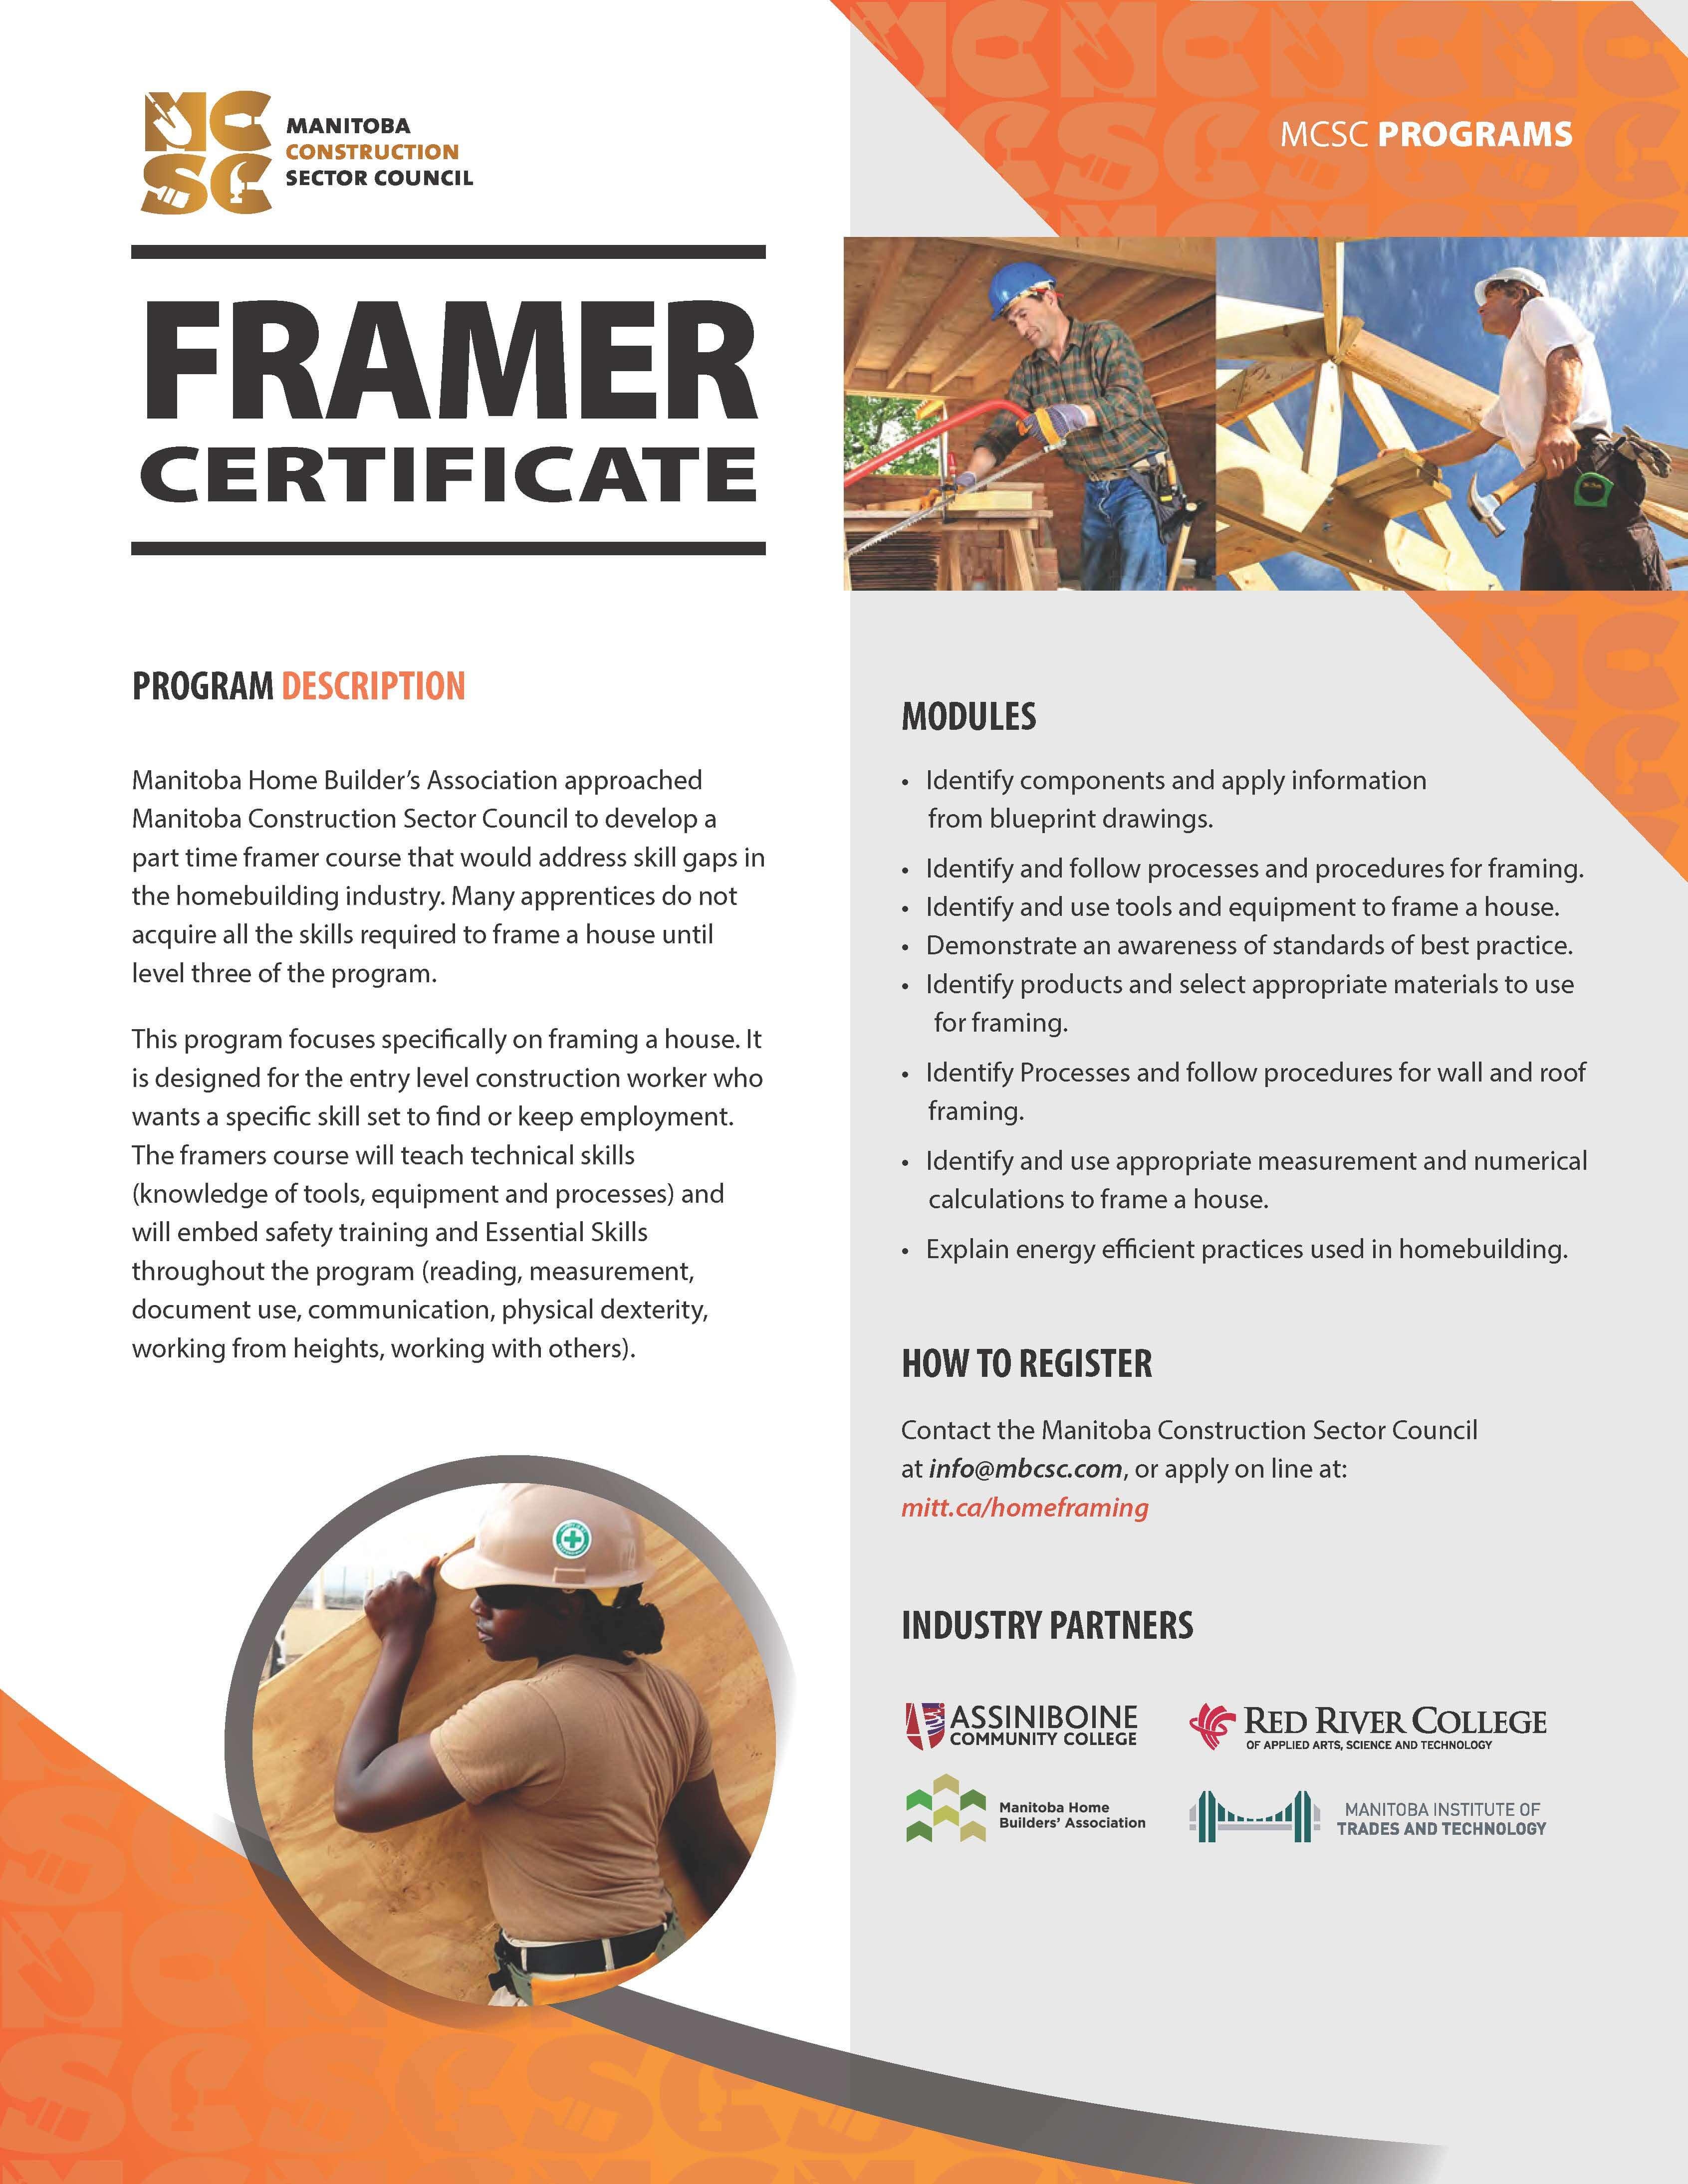 Framer Certificate